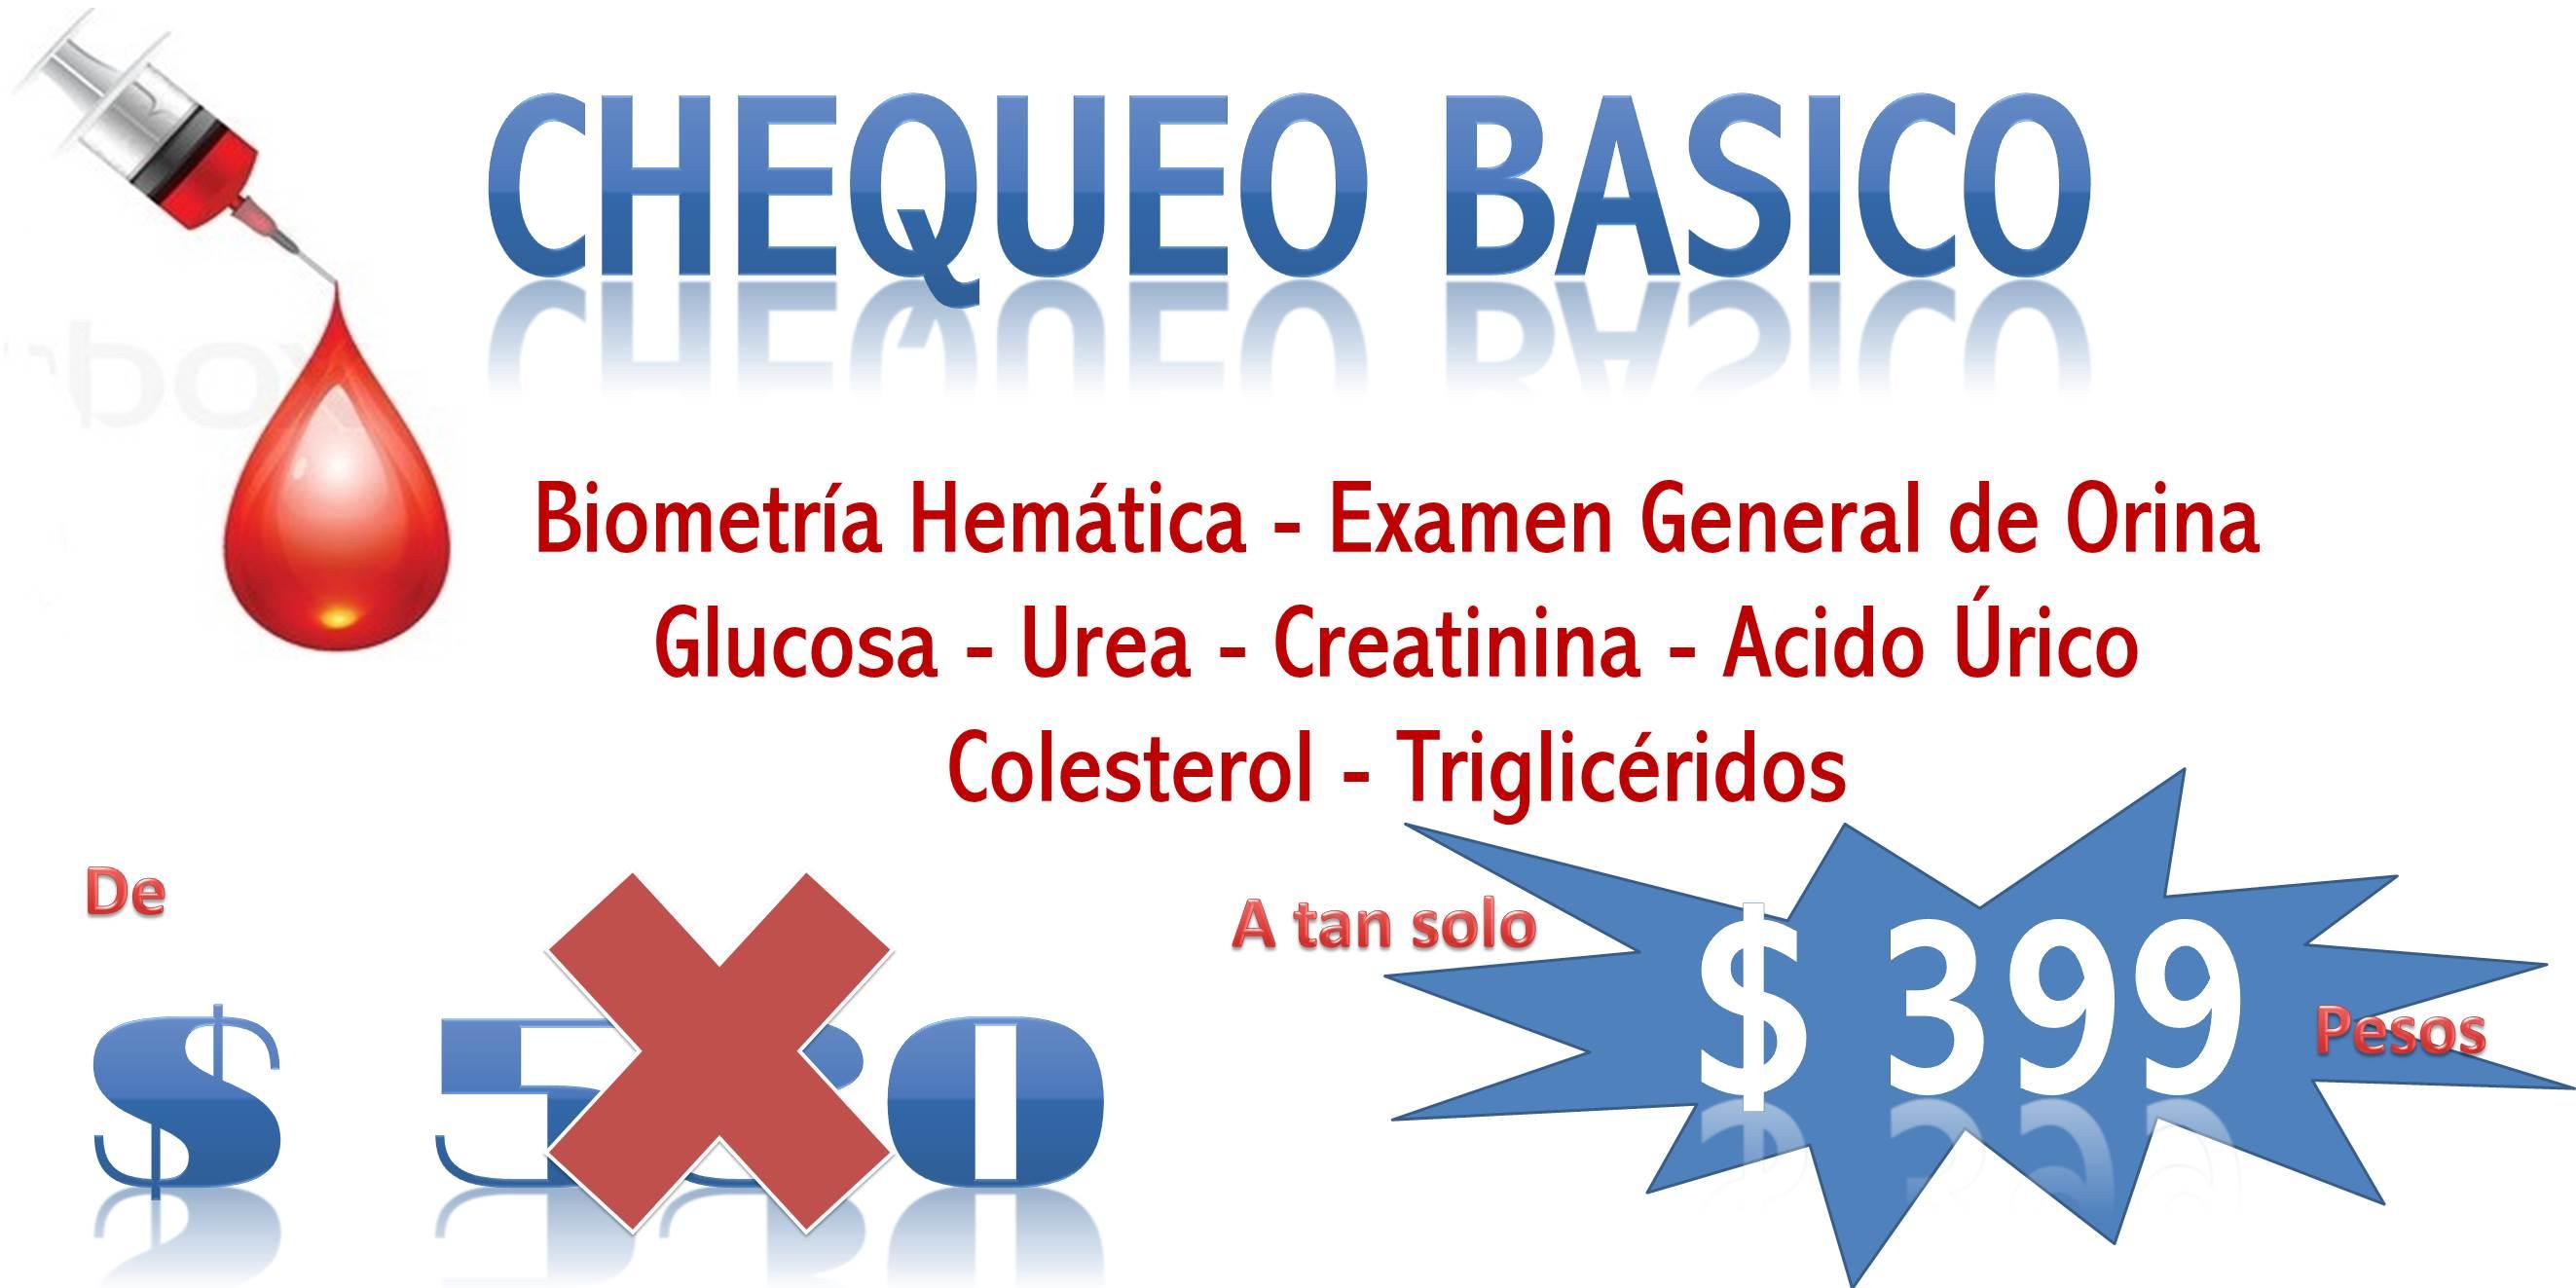 disolver piedras acido urico sintomas do excesso de acido urico no sangue plantas medicinales para eliminar acido urico